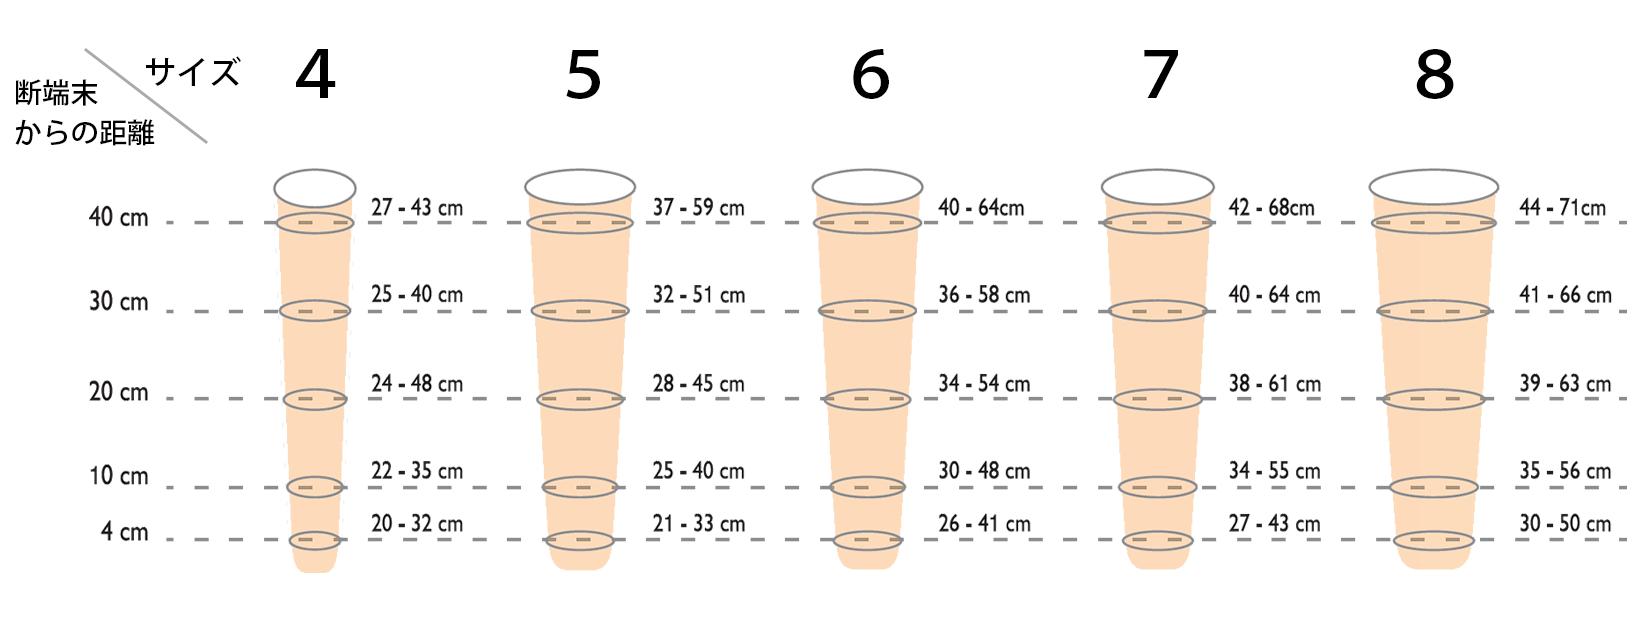 ステップラインプラス AKのサイズ図